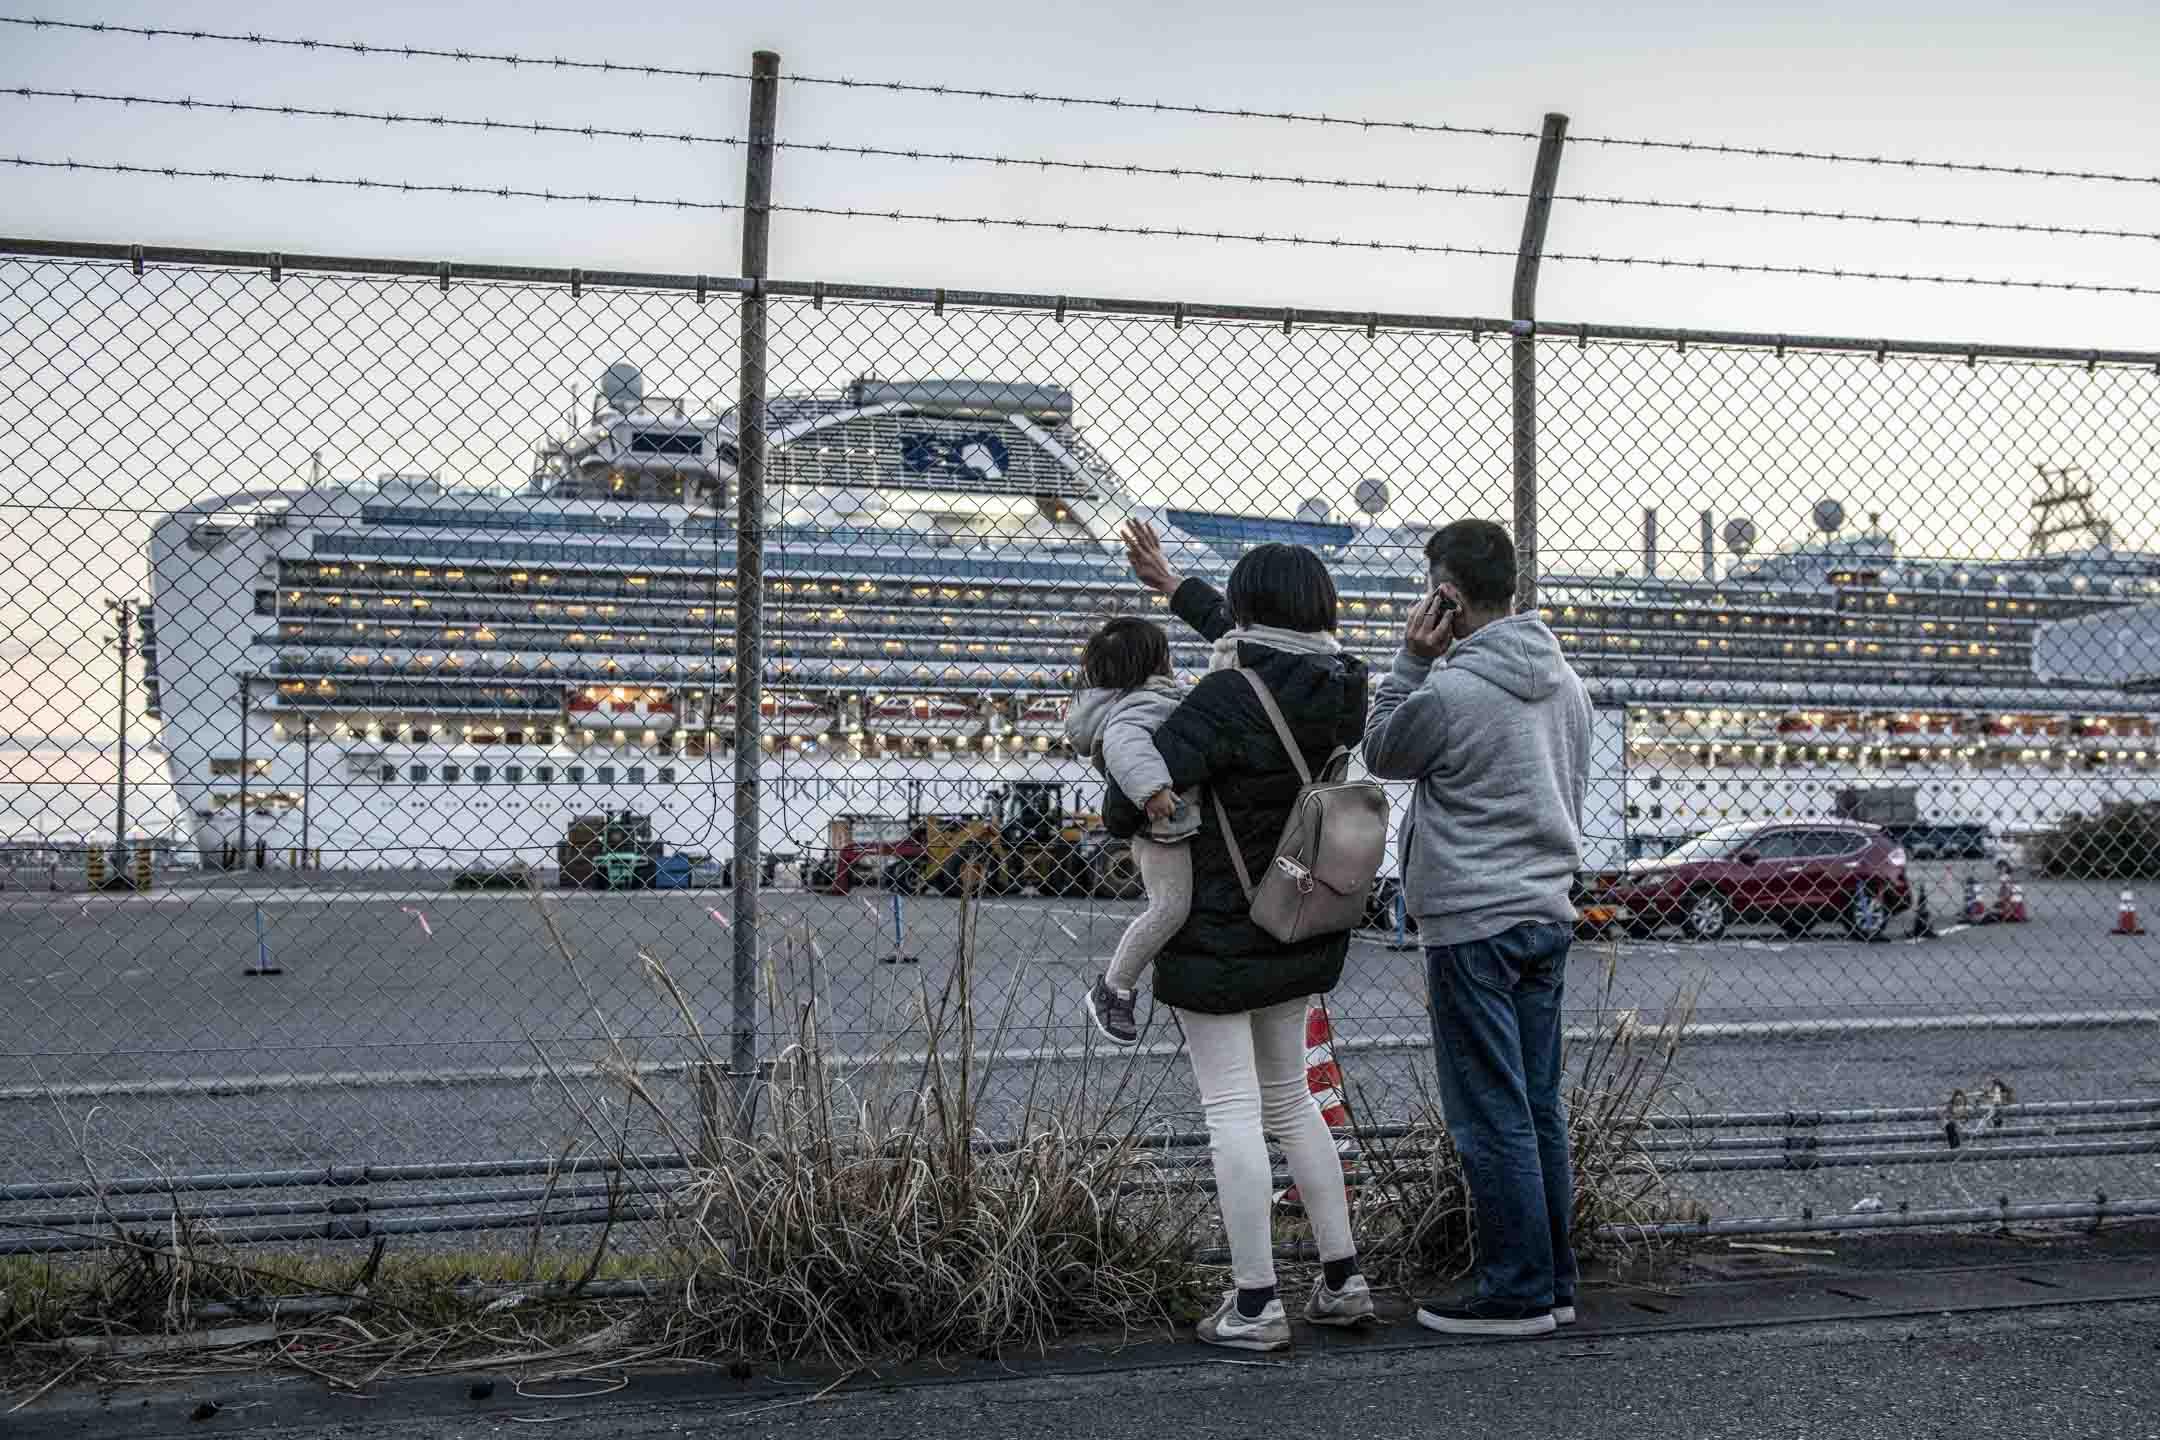 2020年2月11日,日本橫濱市,一家人向停泊在岸的鑽石公主號揮手。 攝:Carl Court/Getty Images